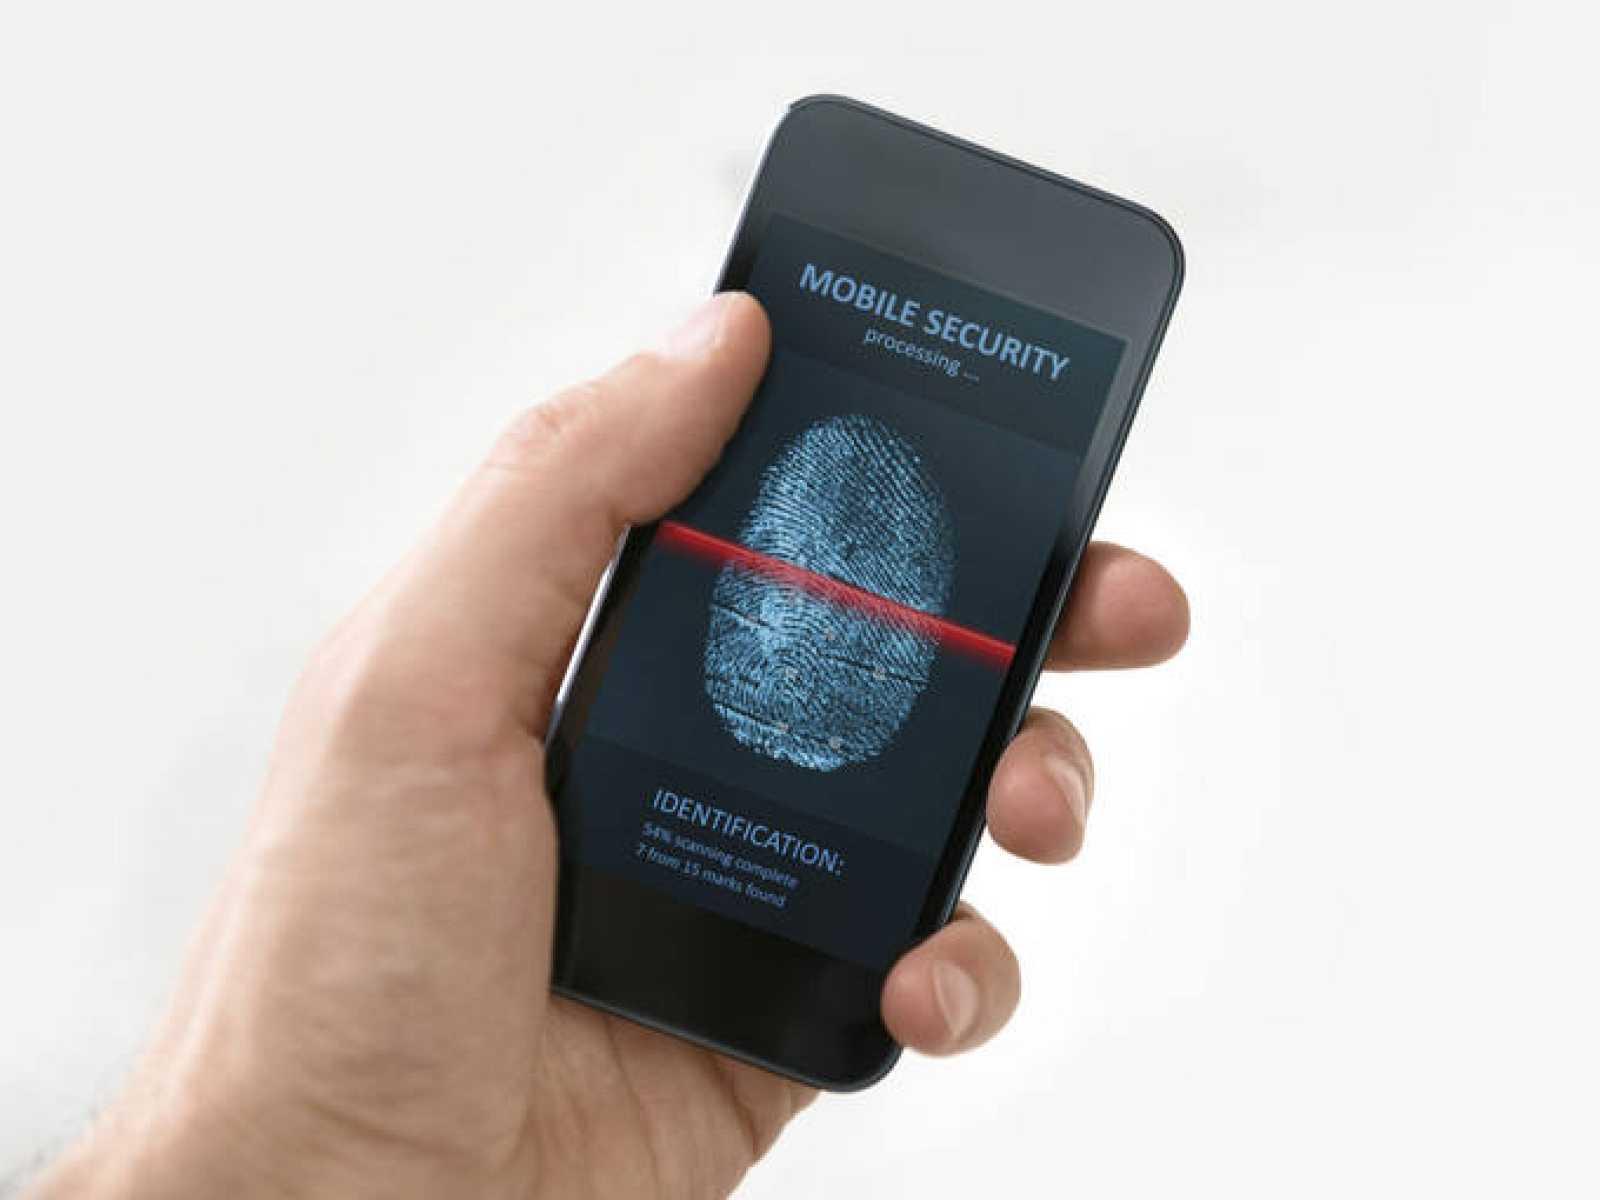 Teléfono móvil con una aplicación de seguridad.